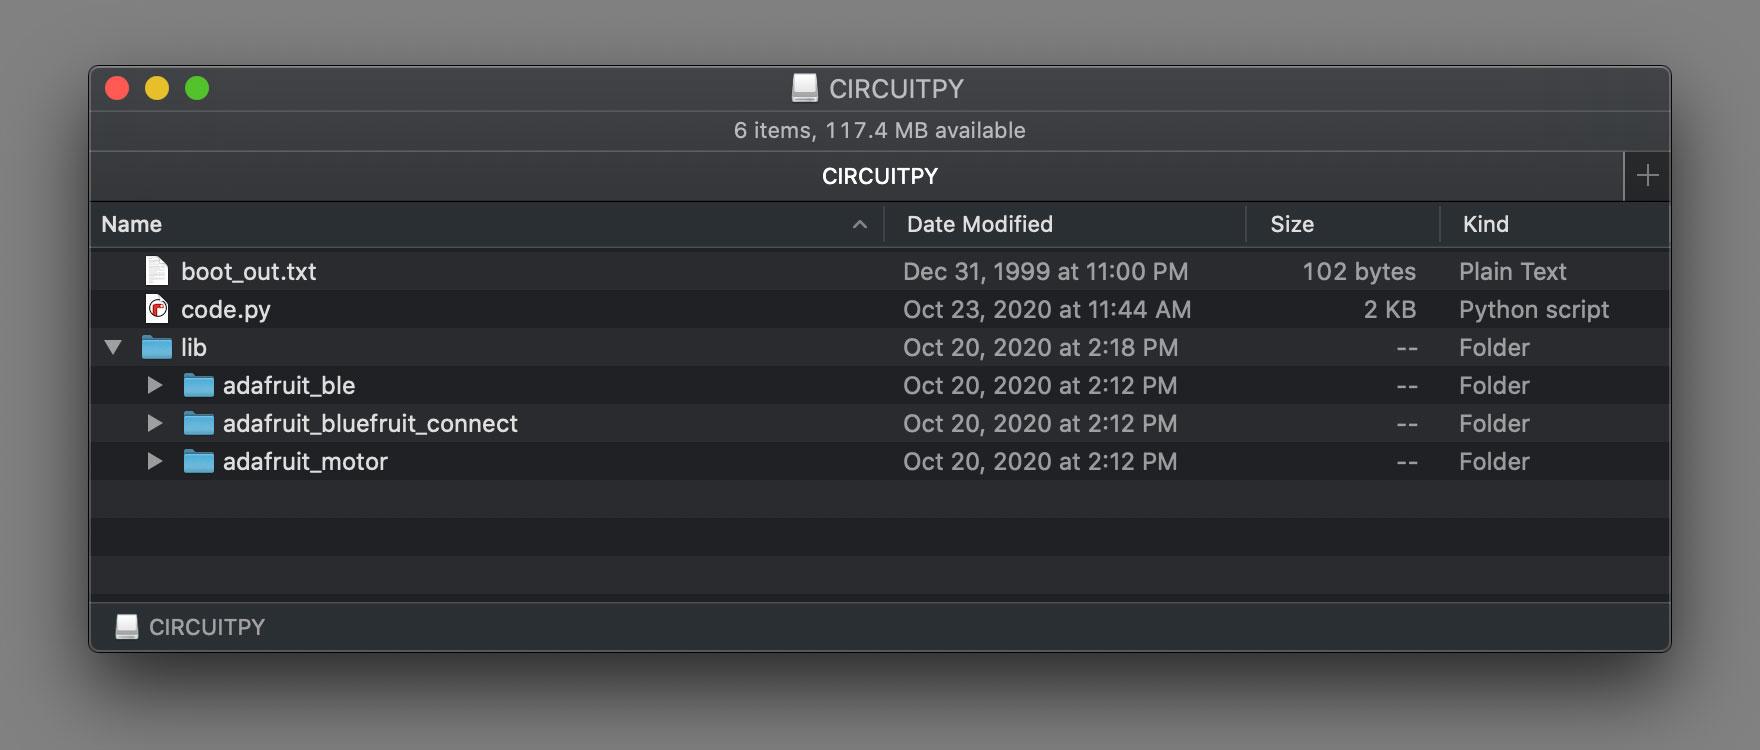 3d_printing_usb-circuitpy-drive.jpg